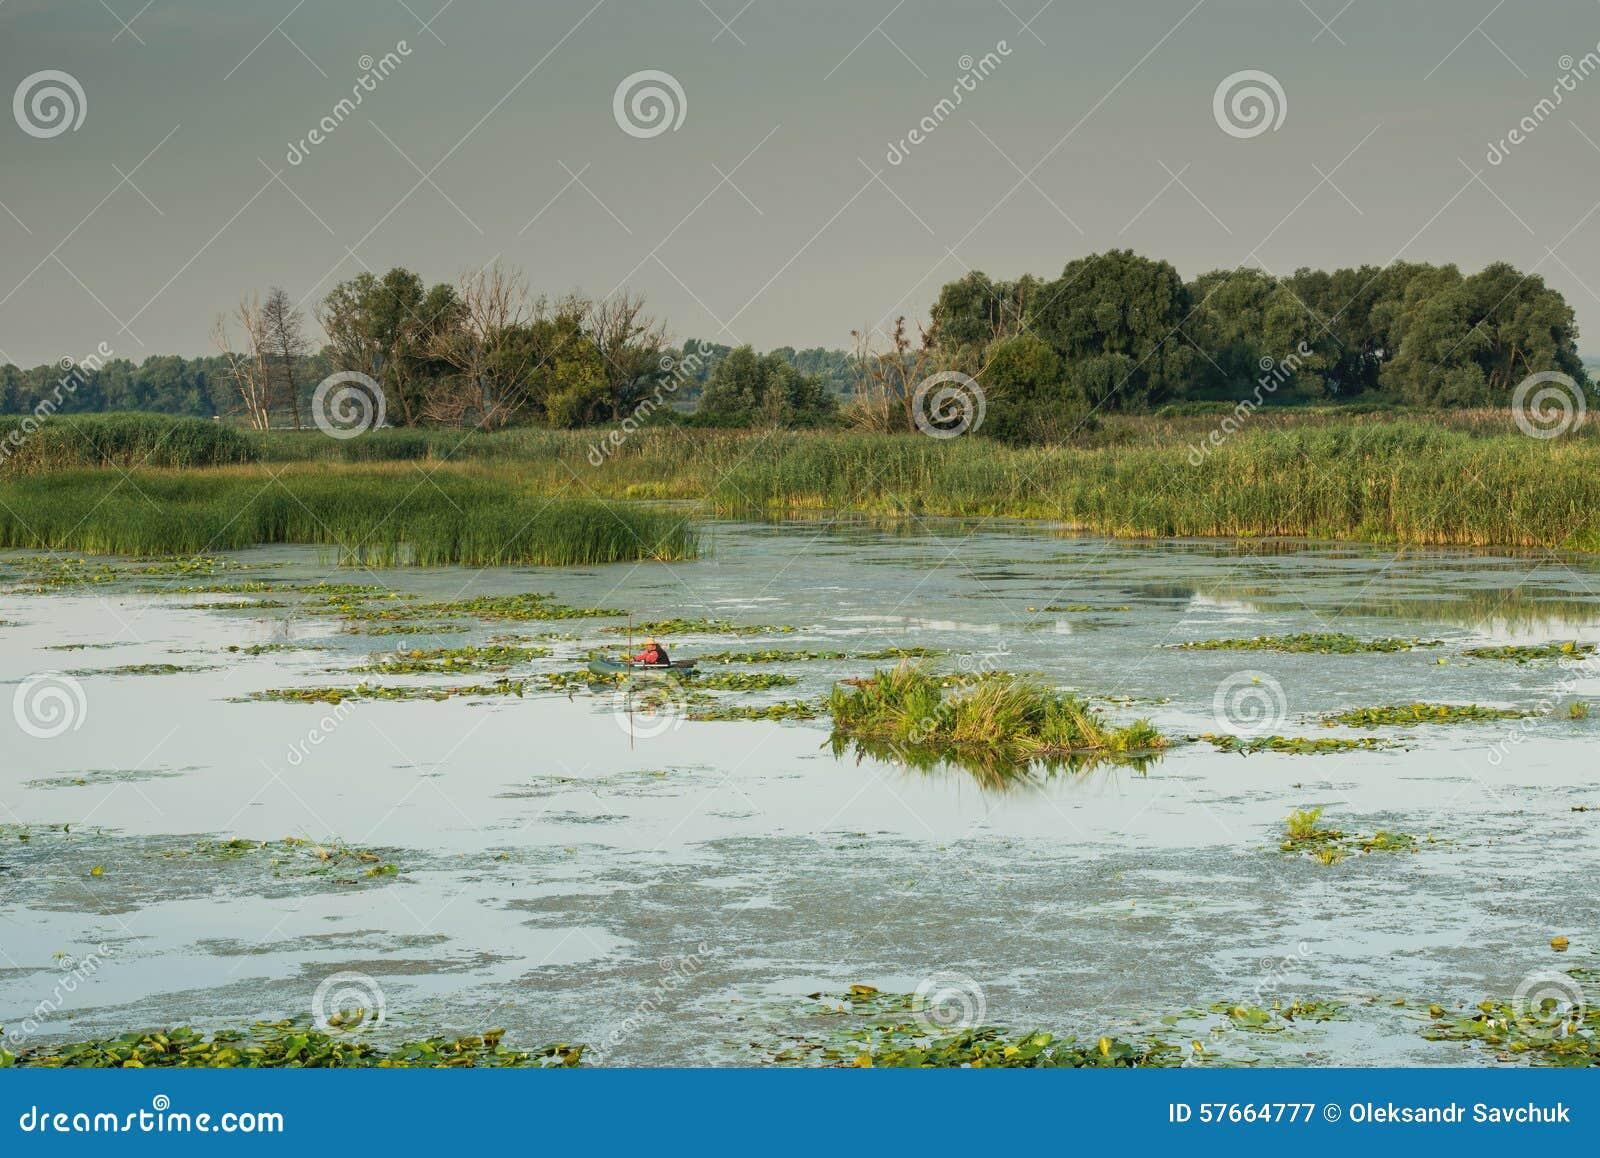 Podpalana widok rzeka